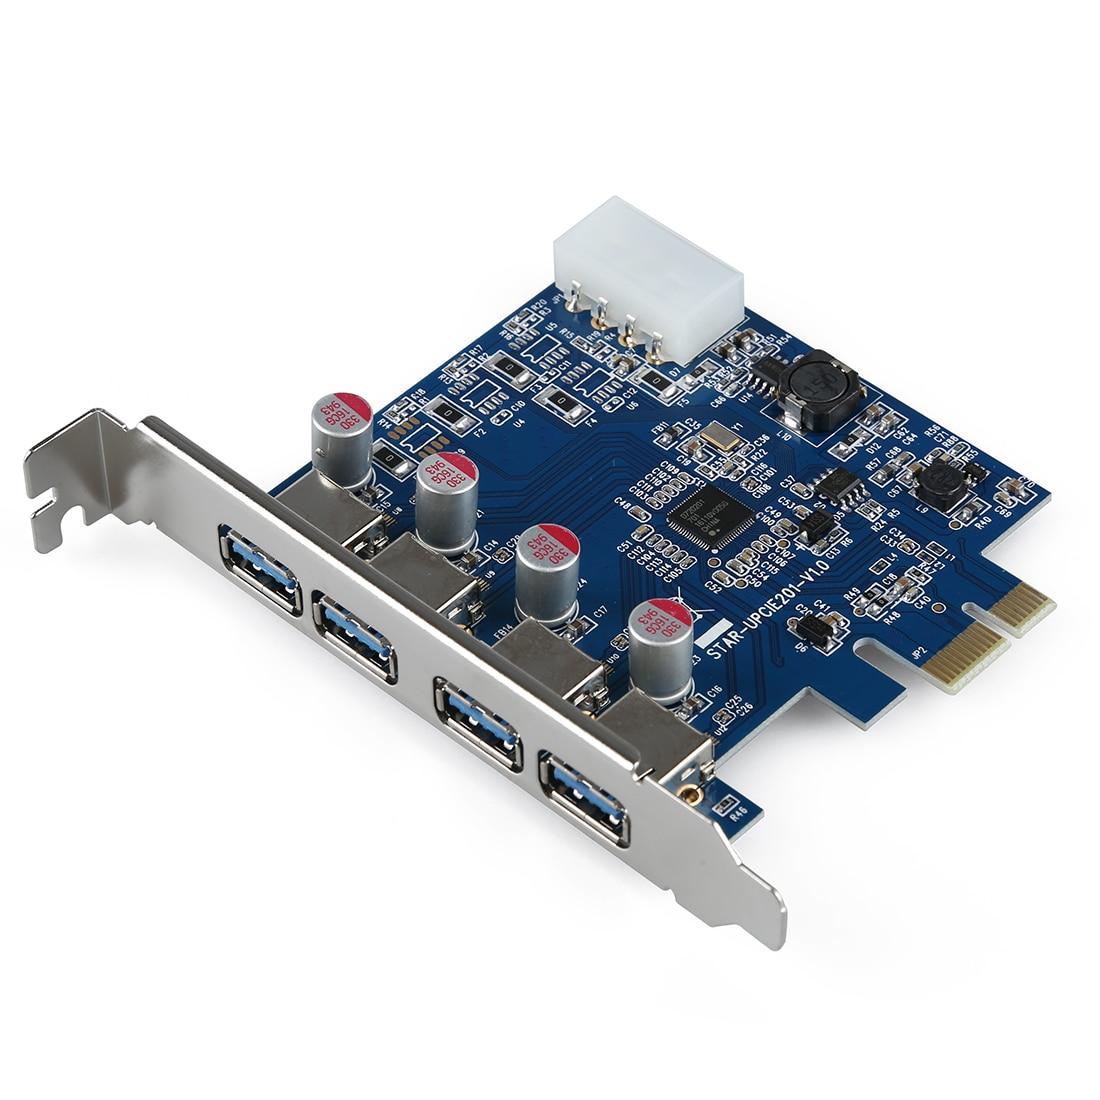 4-Port SuperSpeed USB 3.0 PCI-E PCI Express Card con 4-pin IDE Connettore  di Alimentazione NEC uPD720201 52253e7f11c